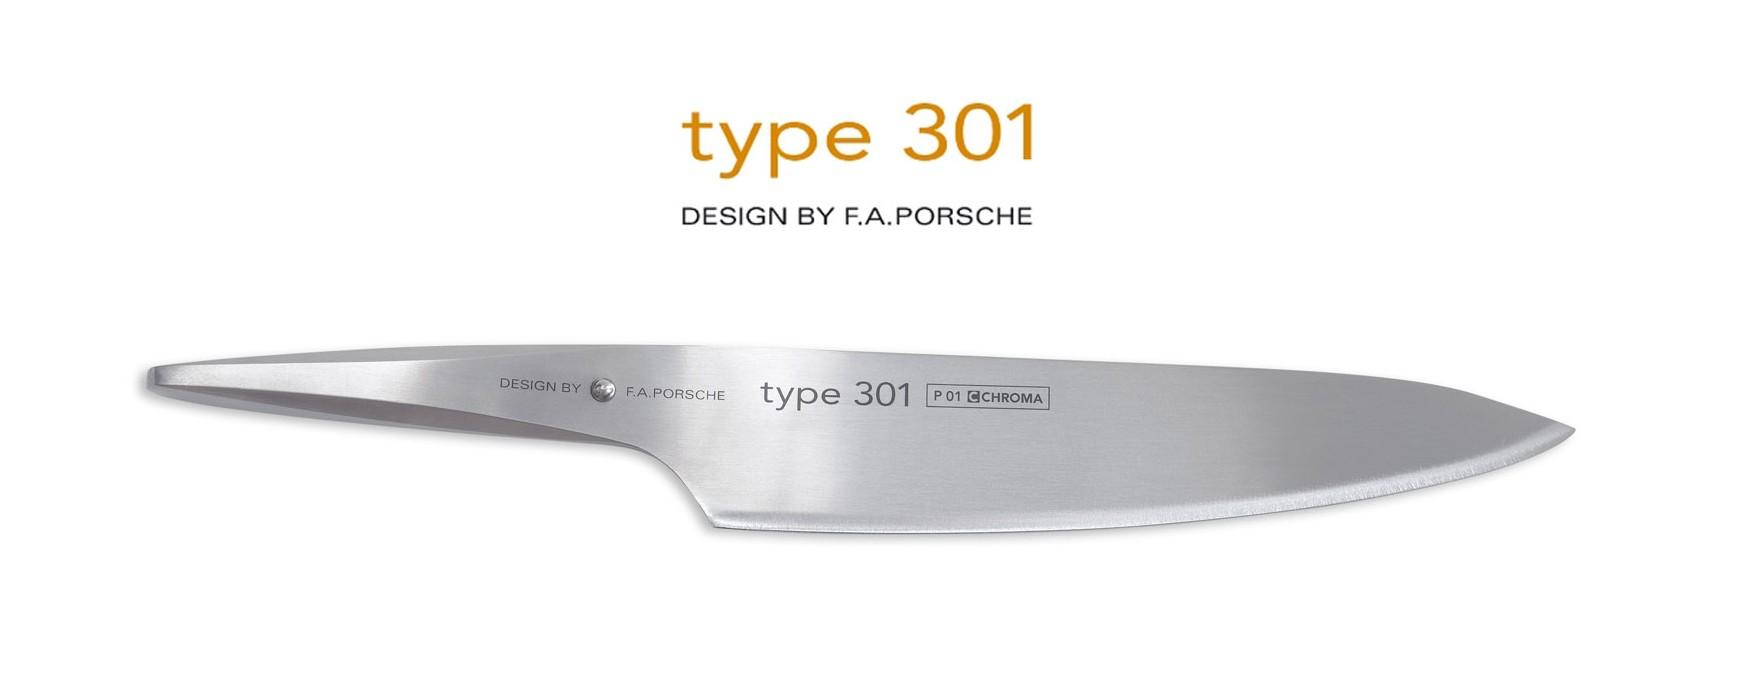 Cuchillos Chroma Type 301 diseño F.A. Porsche